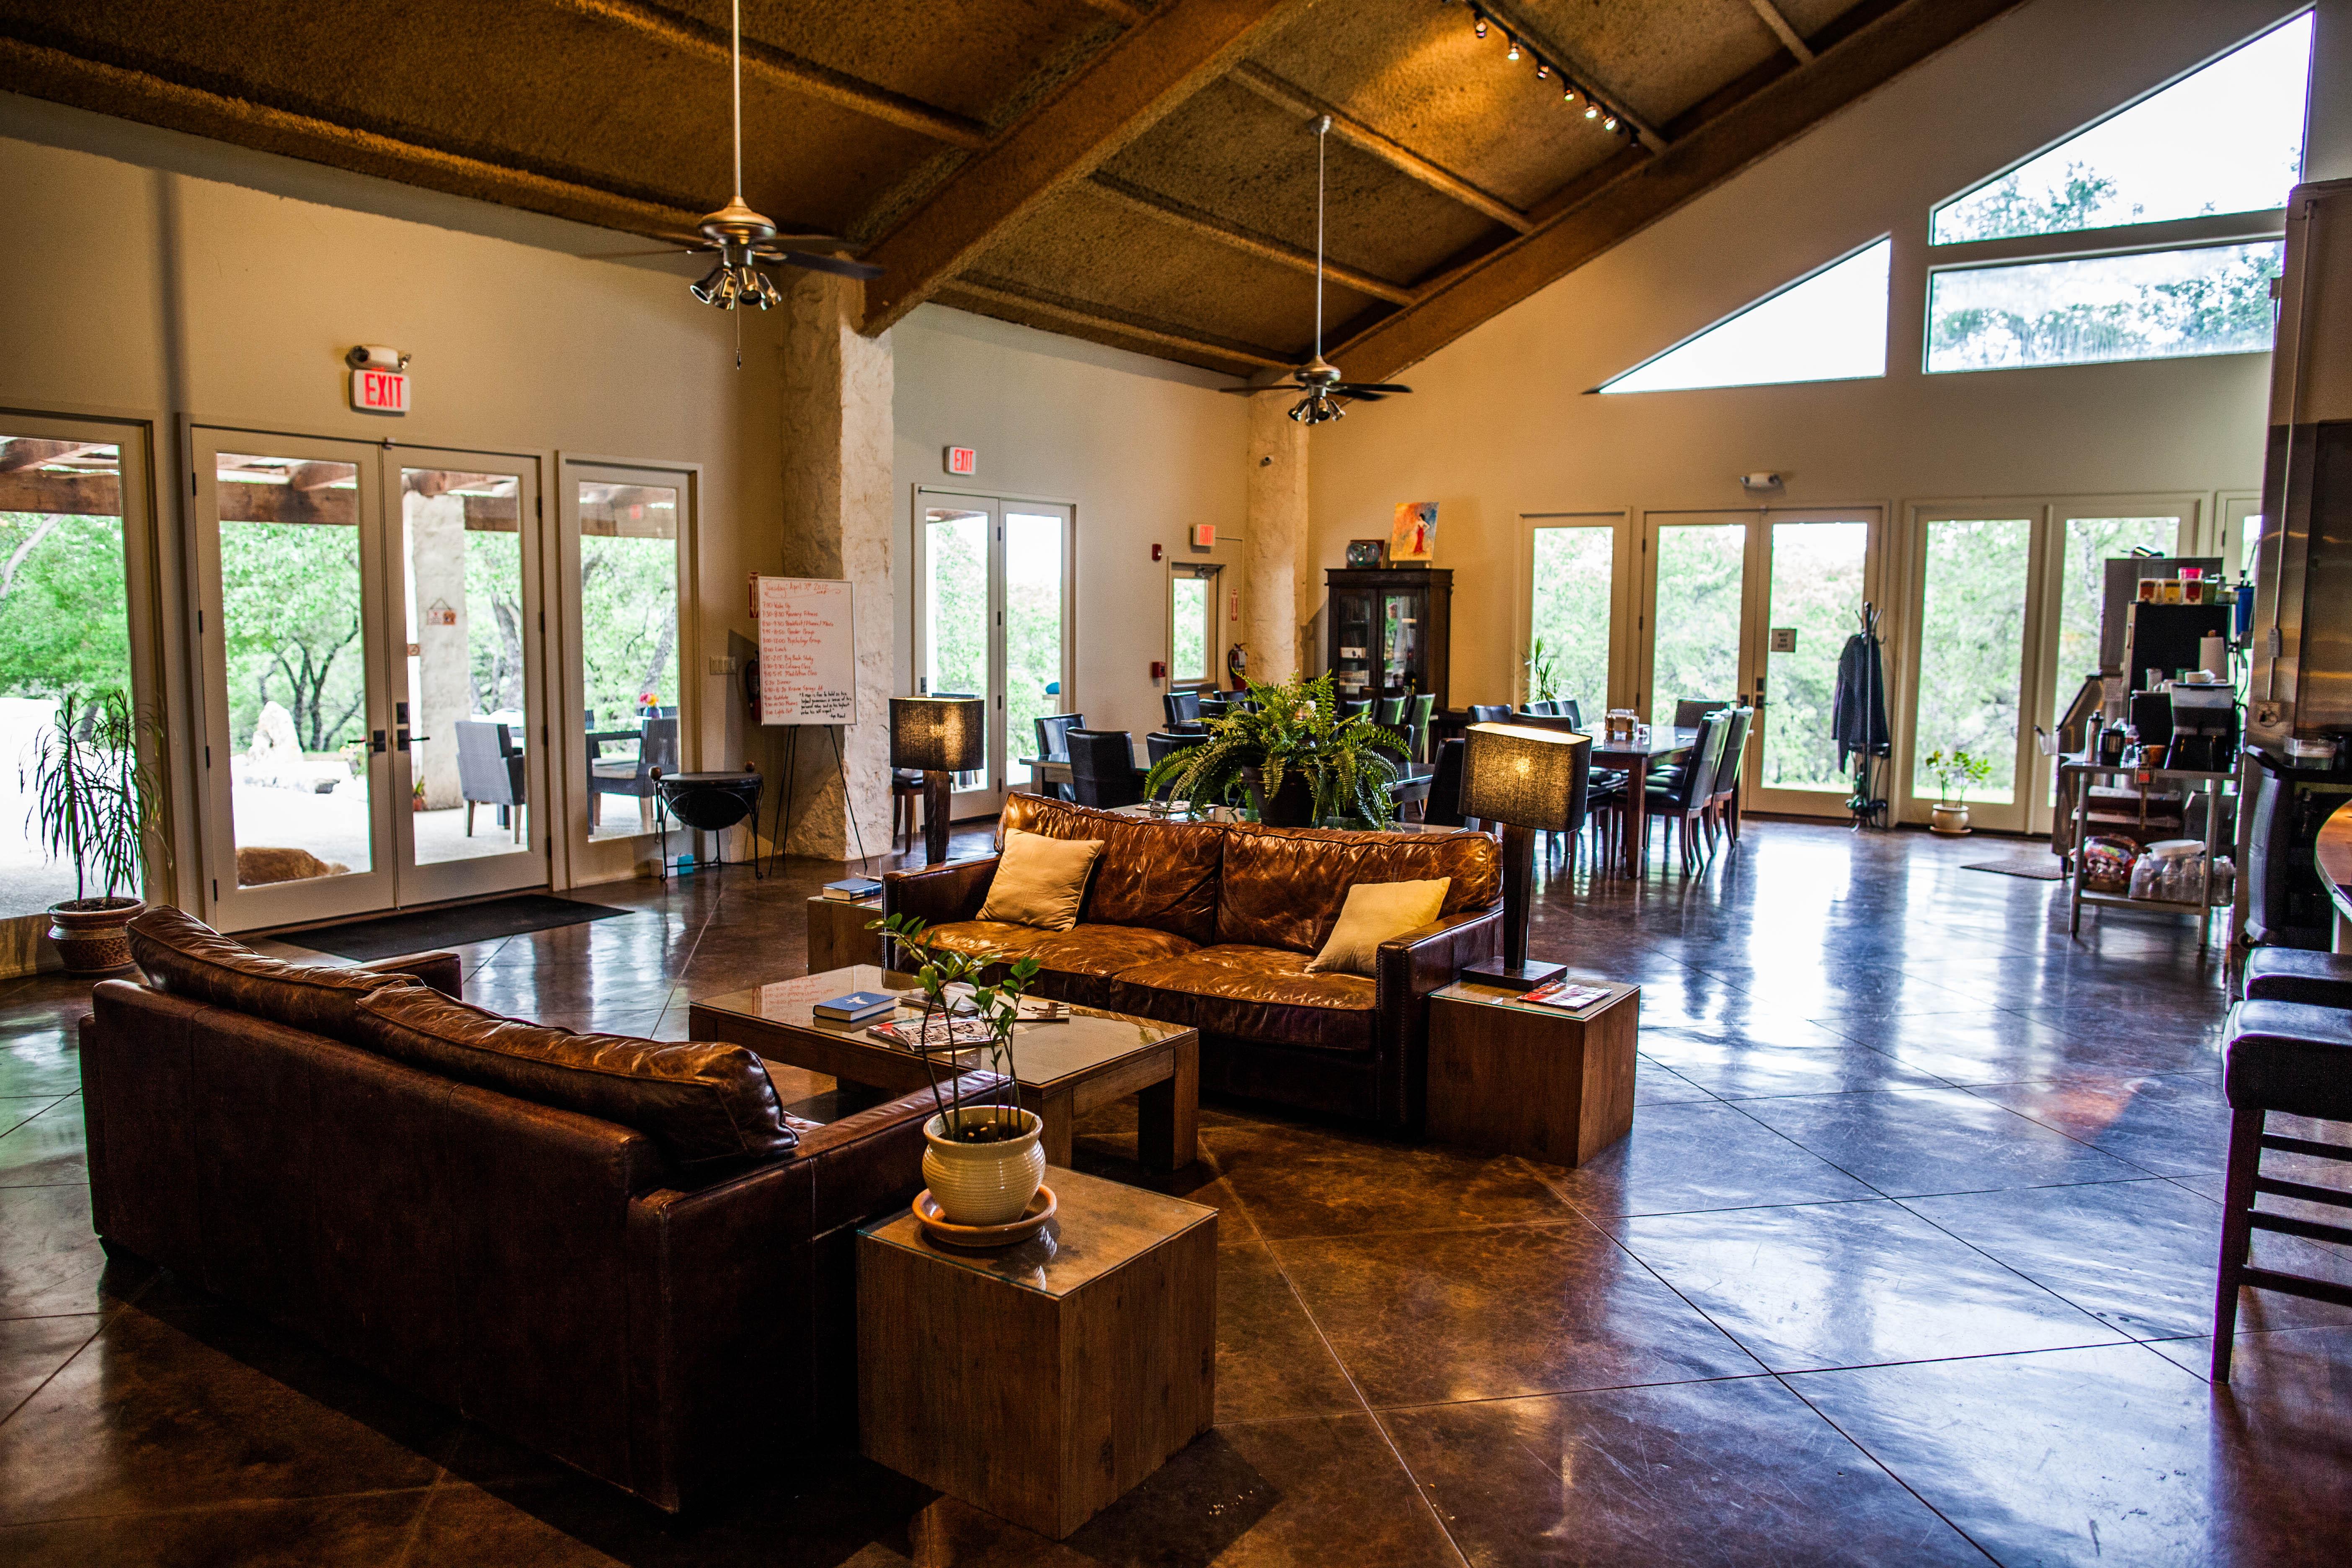 Promises Austin - Spicewood - Top Luxury Rehab